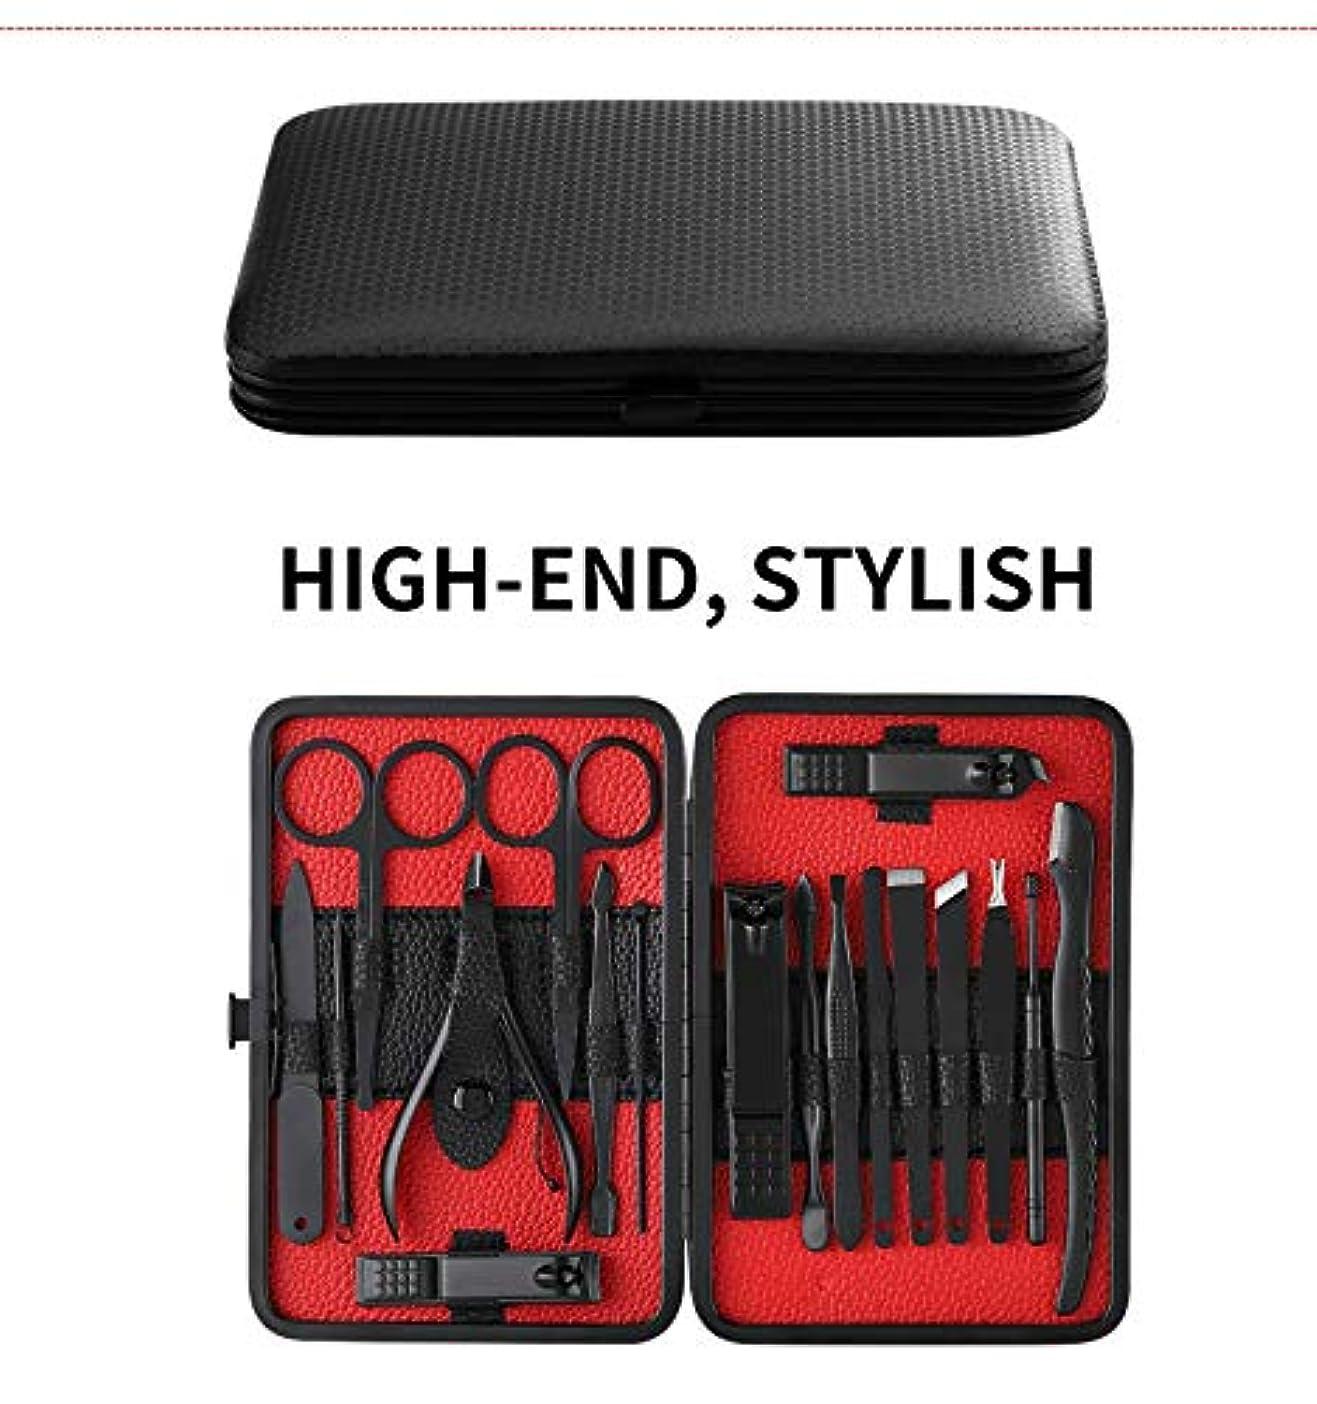 証言ステレオボーナス18pcs Manicure Set Nail Clippers Kit Pedicure Care Tools Black Men Grooming Kit With Black PU Leather Case for...